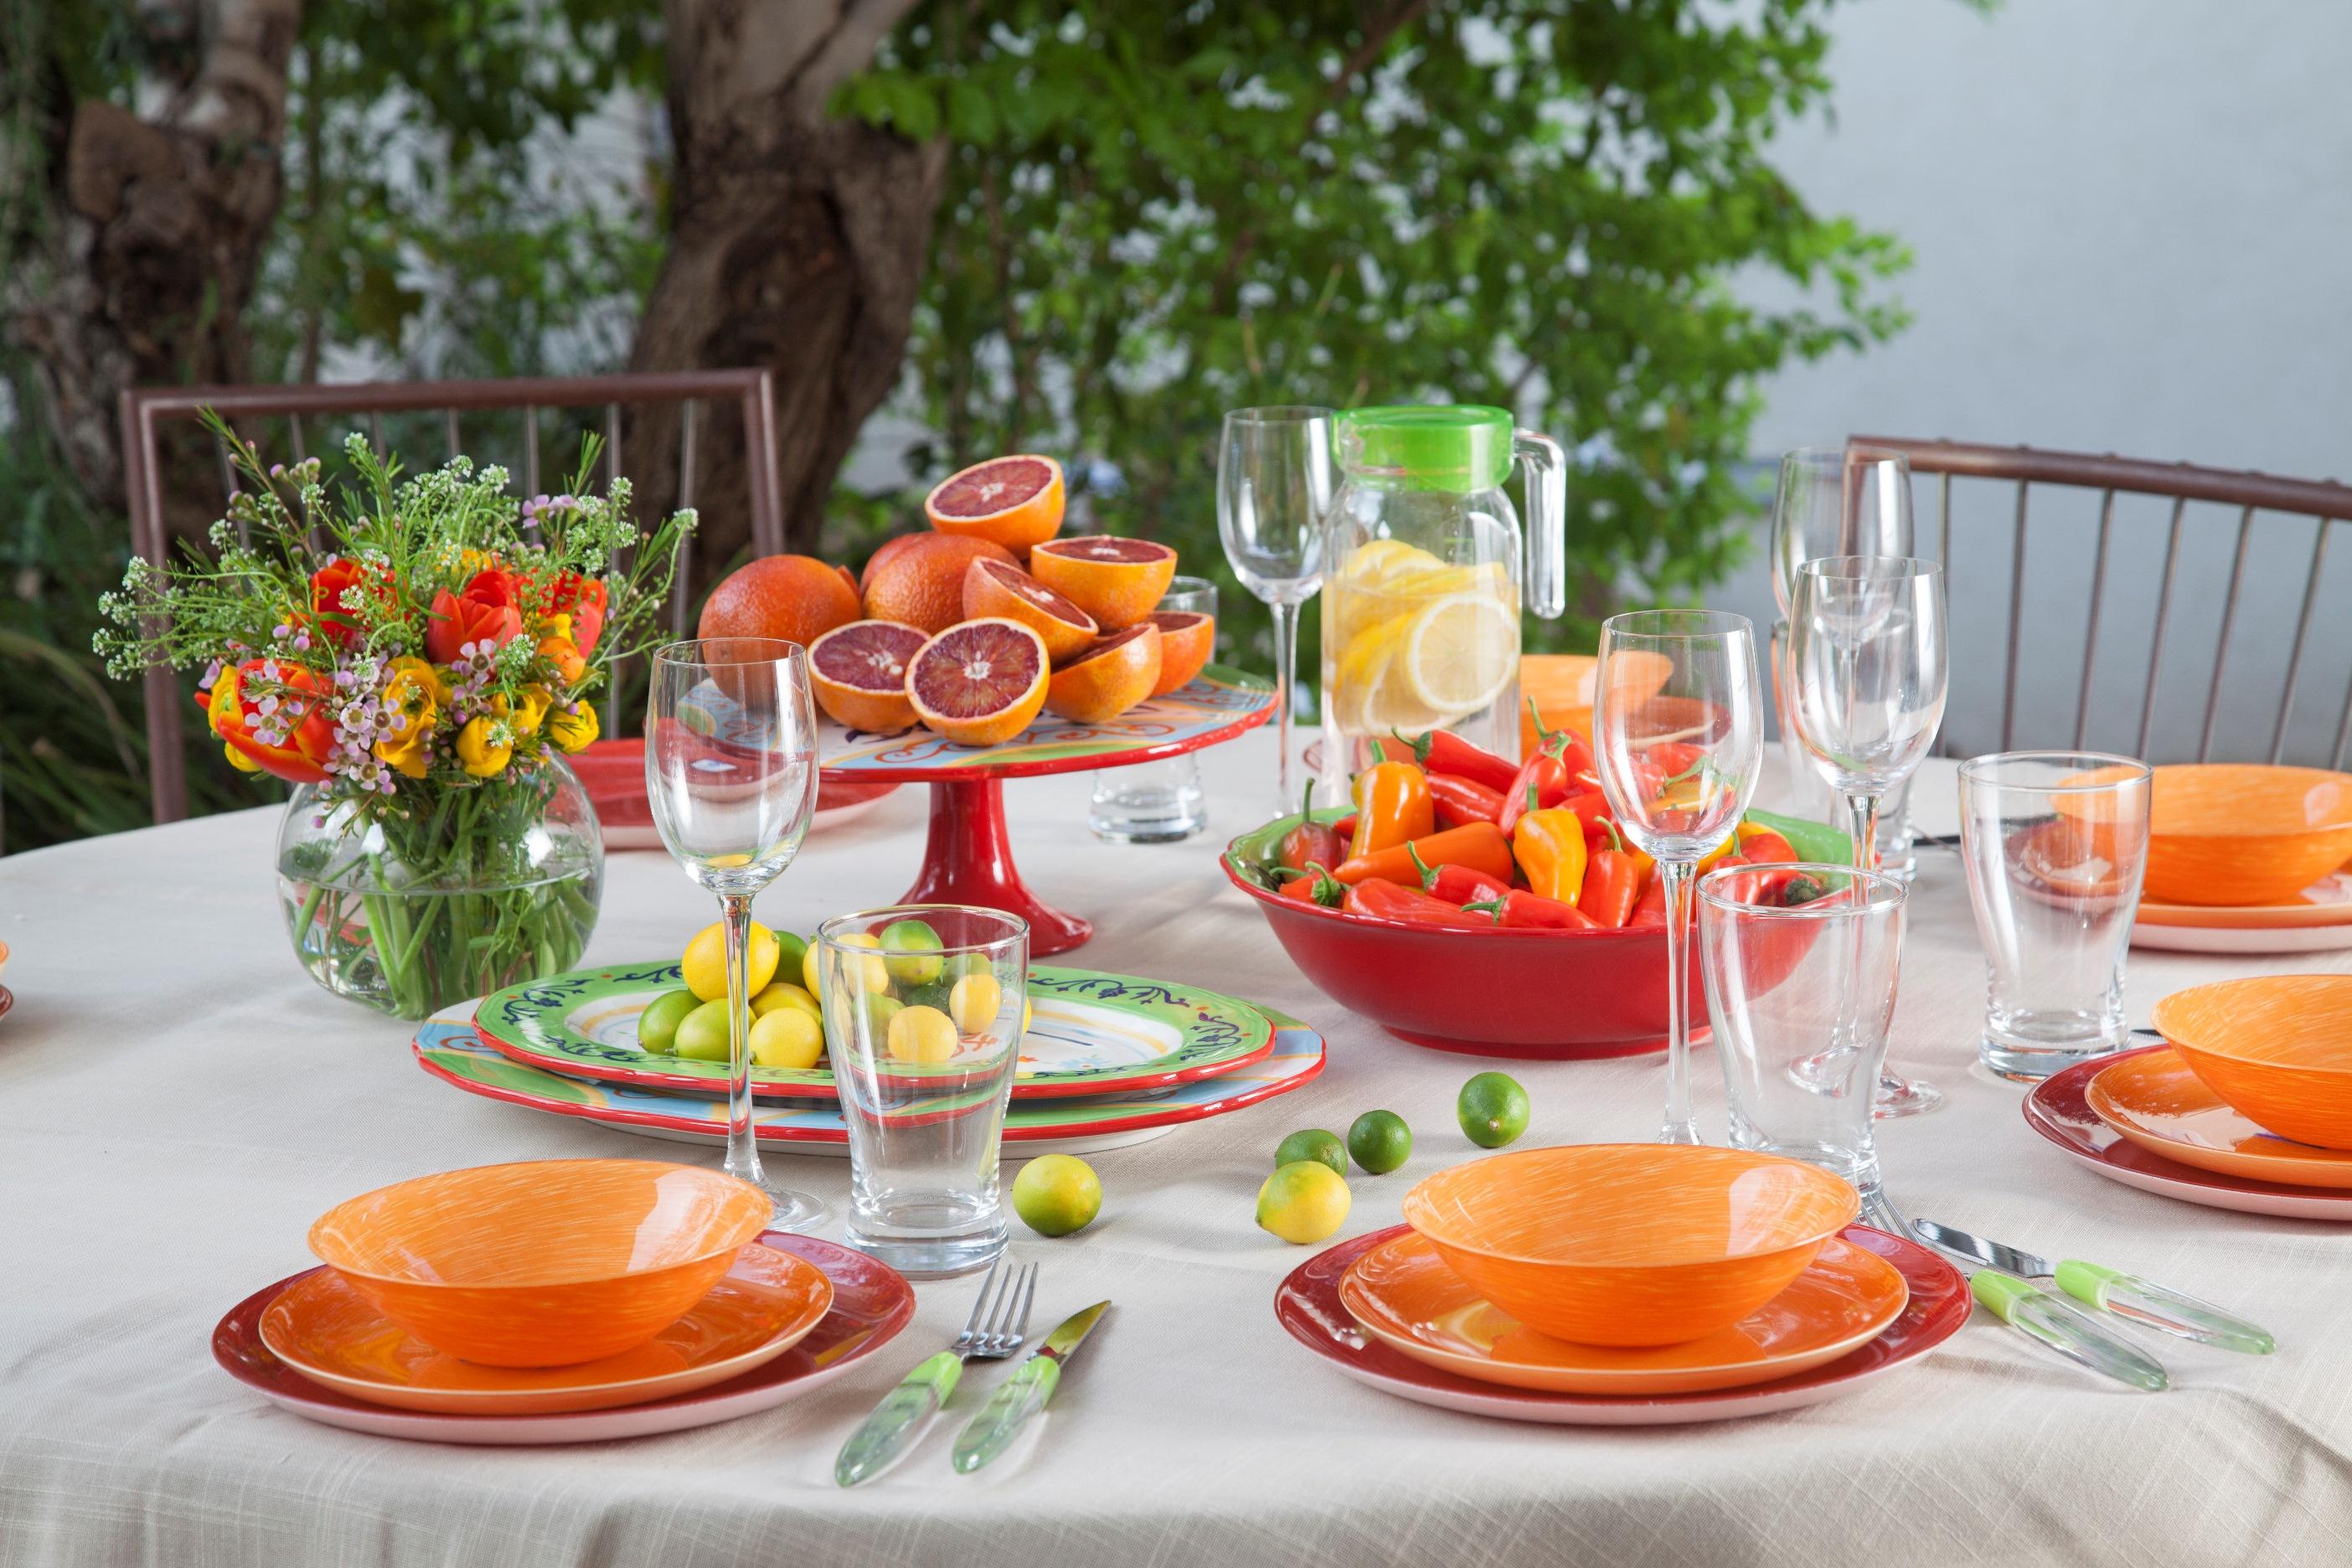 Сервировка блюд для праздничного стола